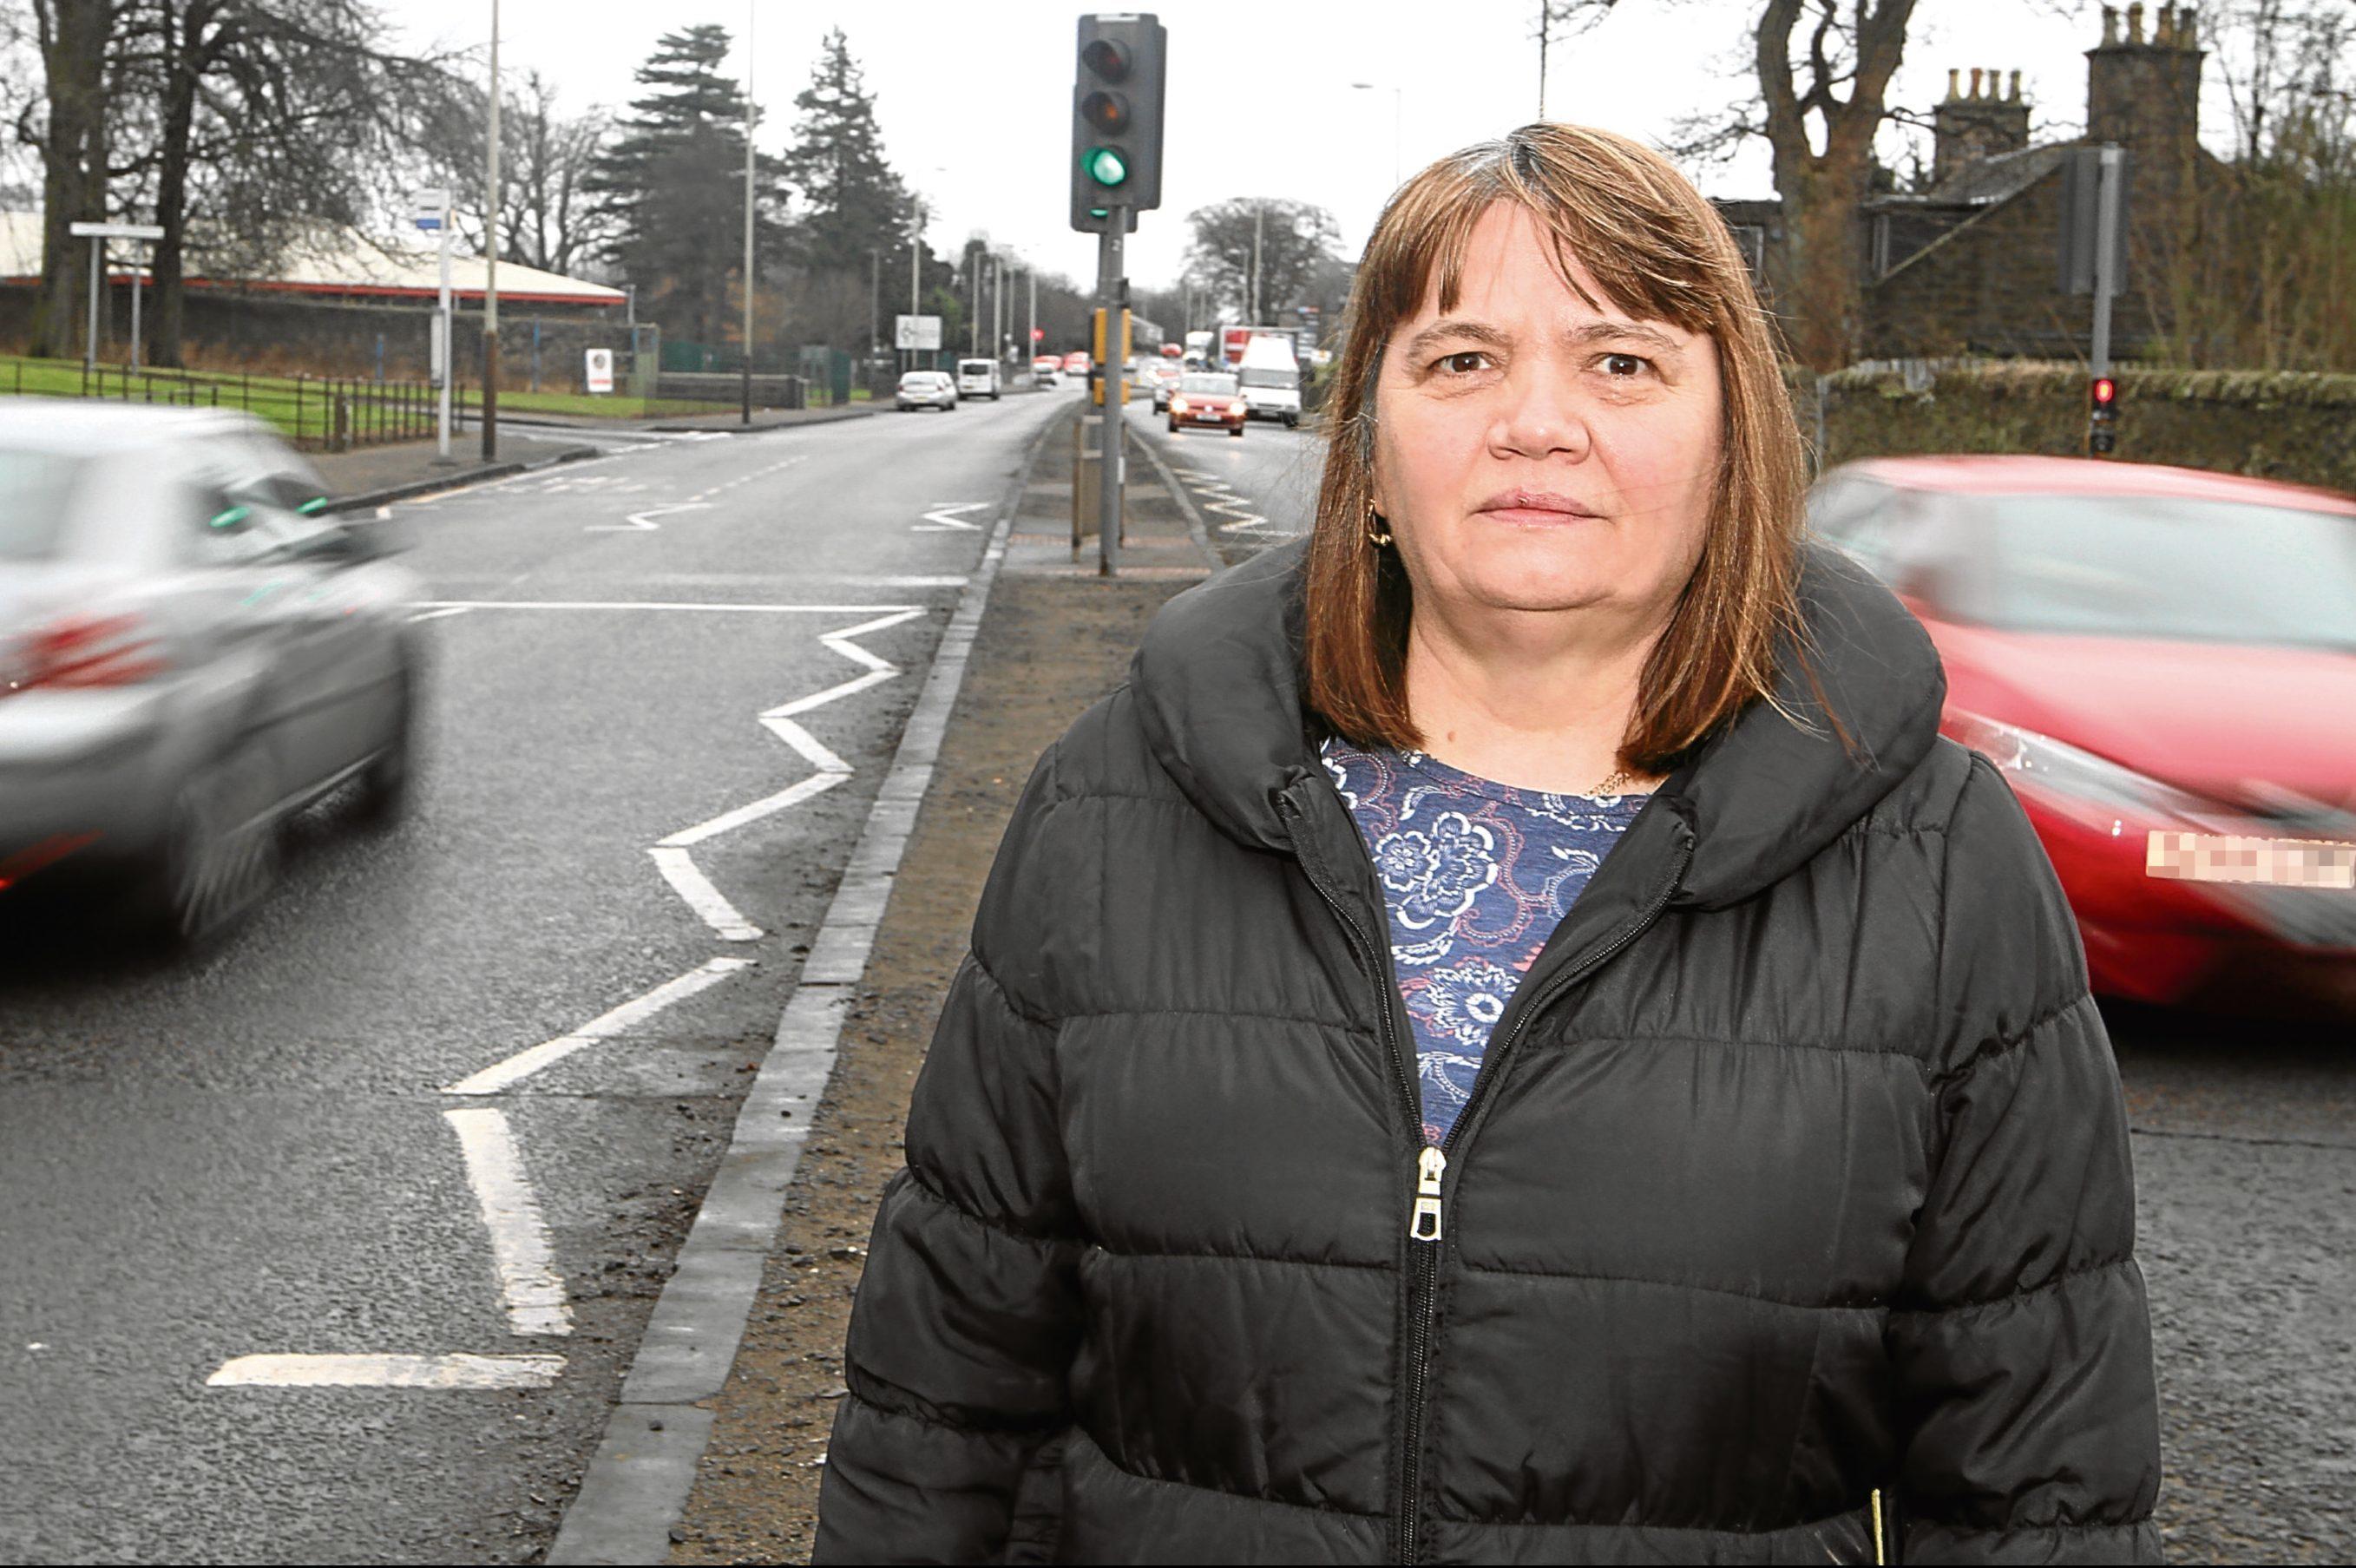 Harefield Road resident Alison Cochrane.